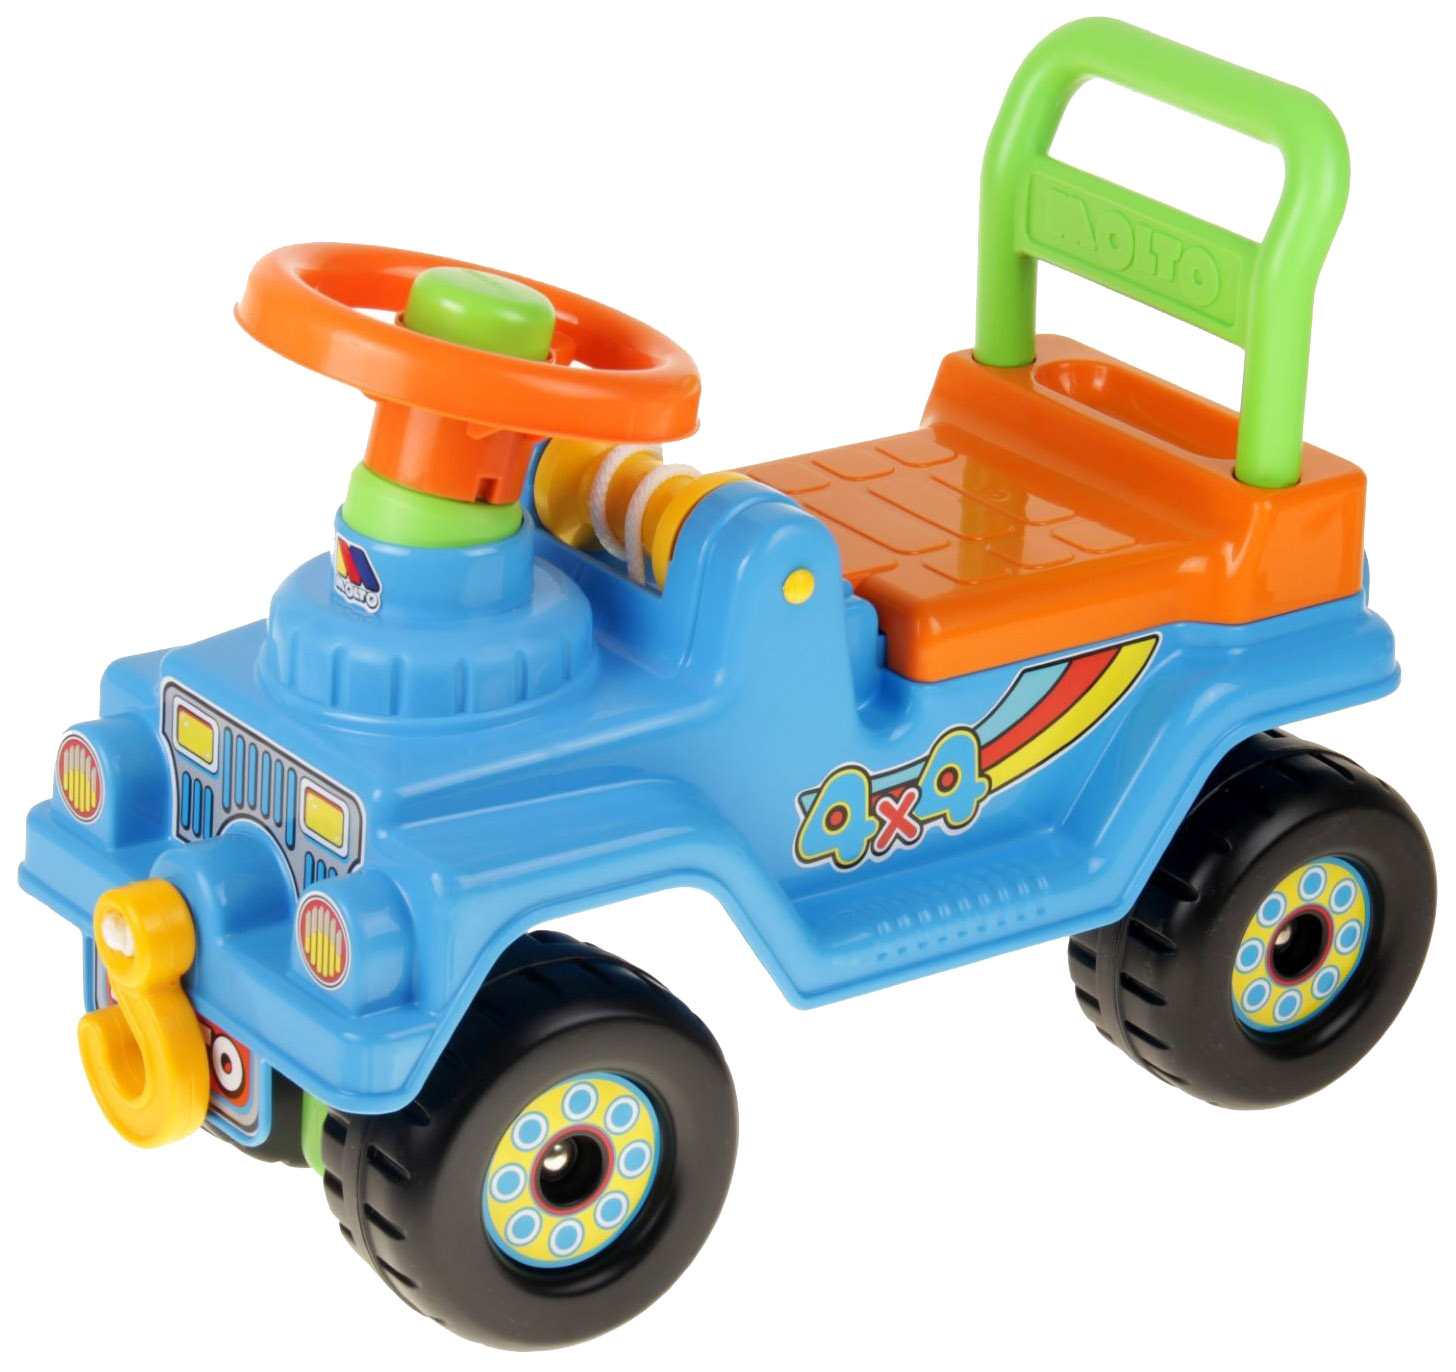 Купить Каталка детская Полесье Molto 62789 4х4 пластик от 1 года, Машинки каталки